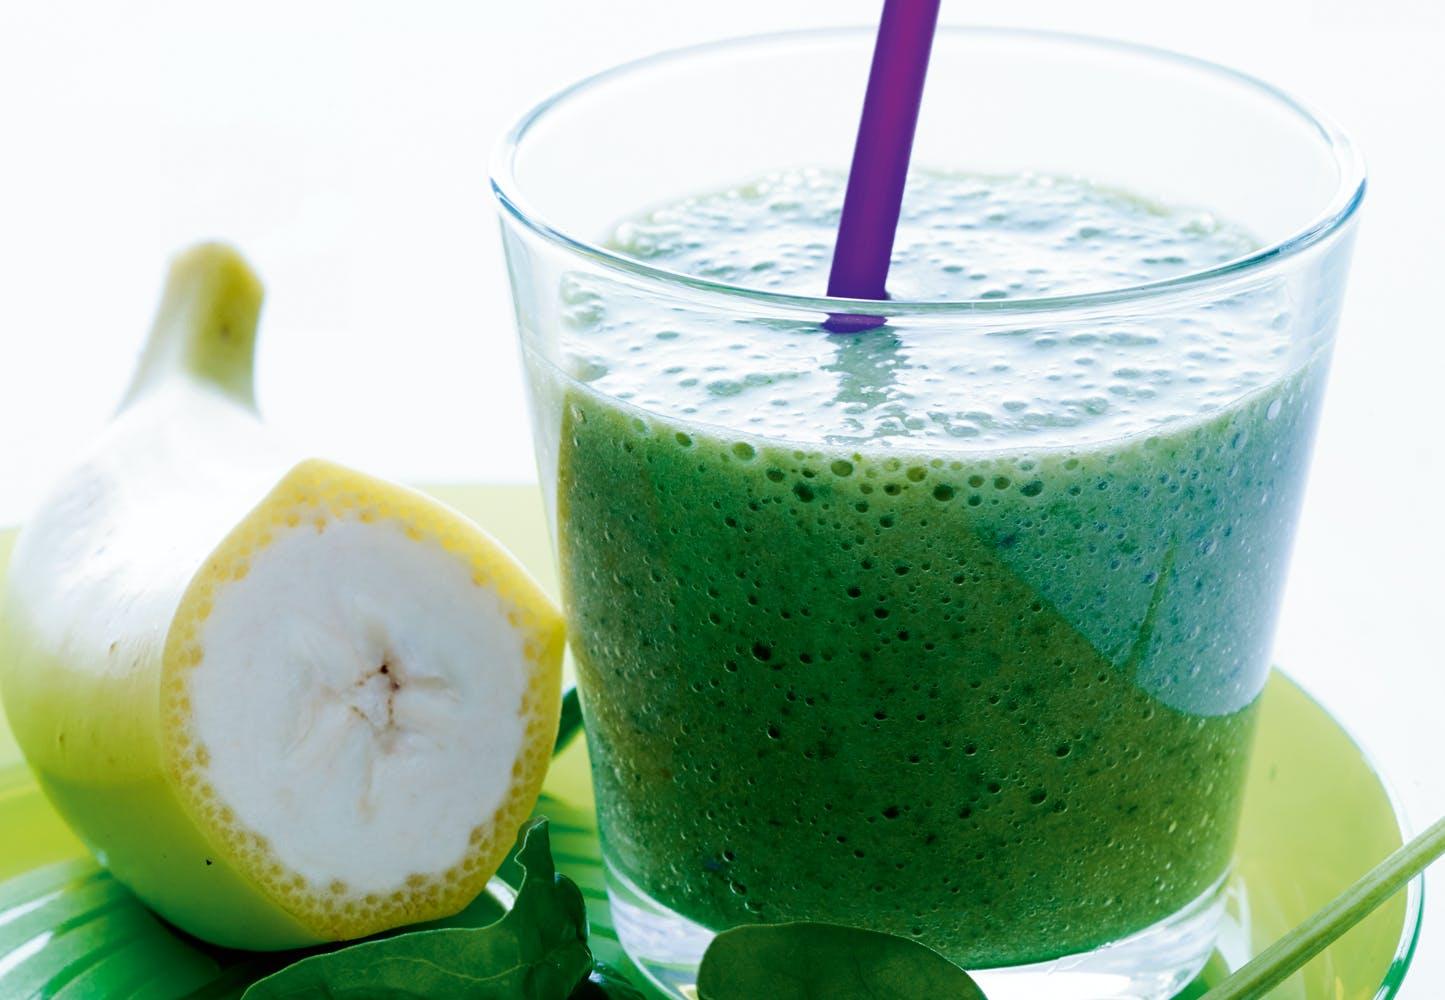 Boost din morgenmad med grøntsager | Iform.dk